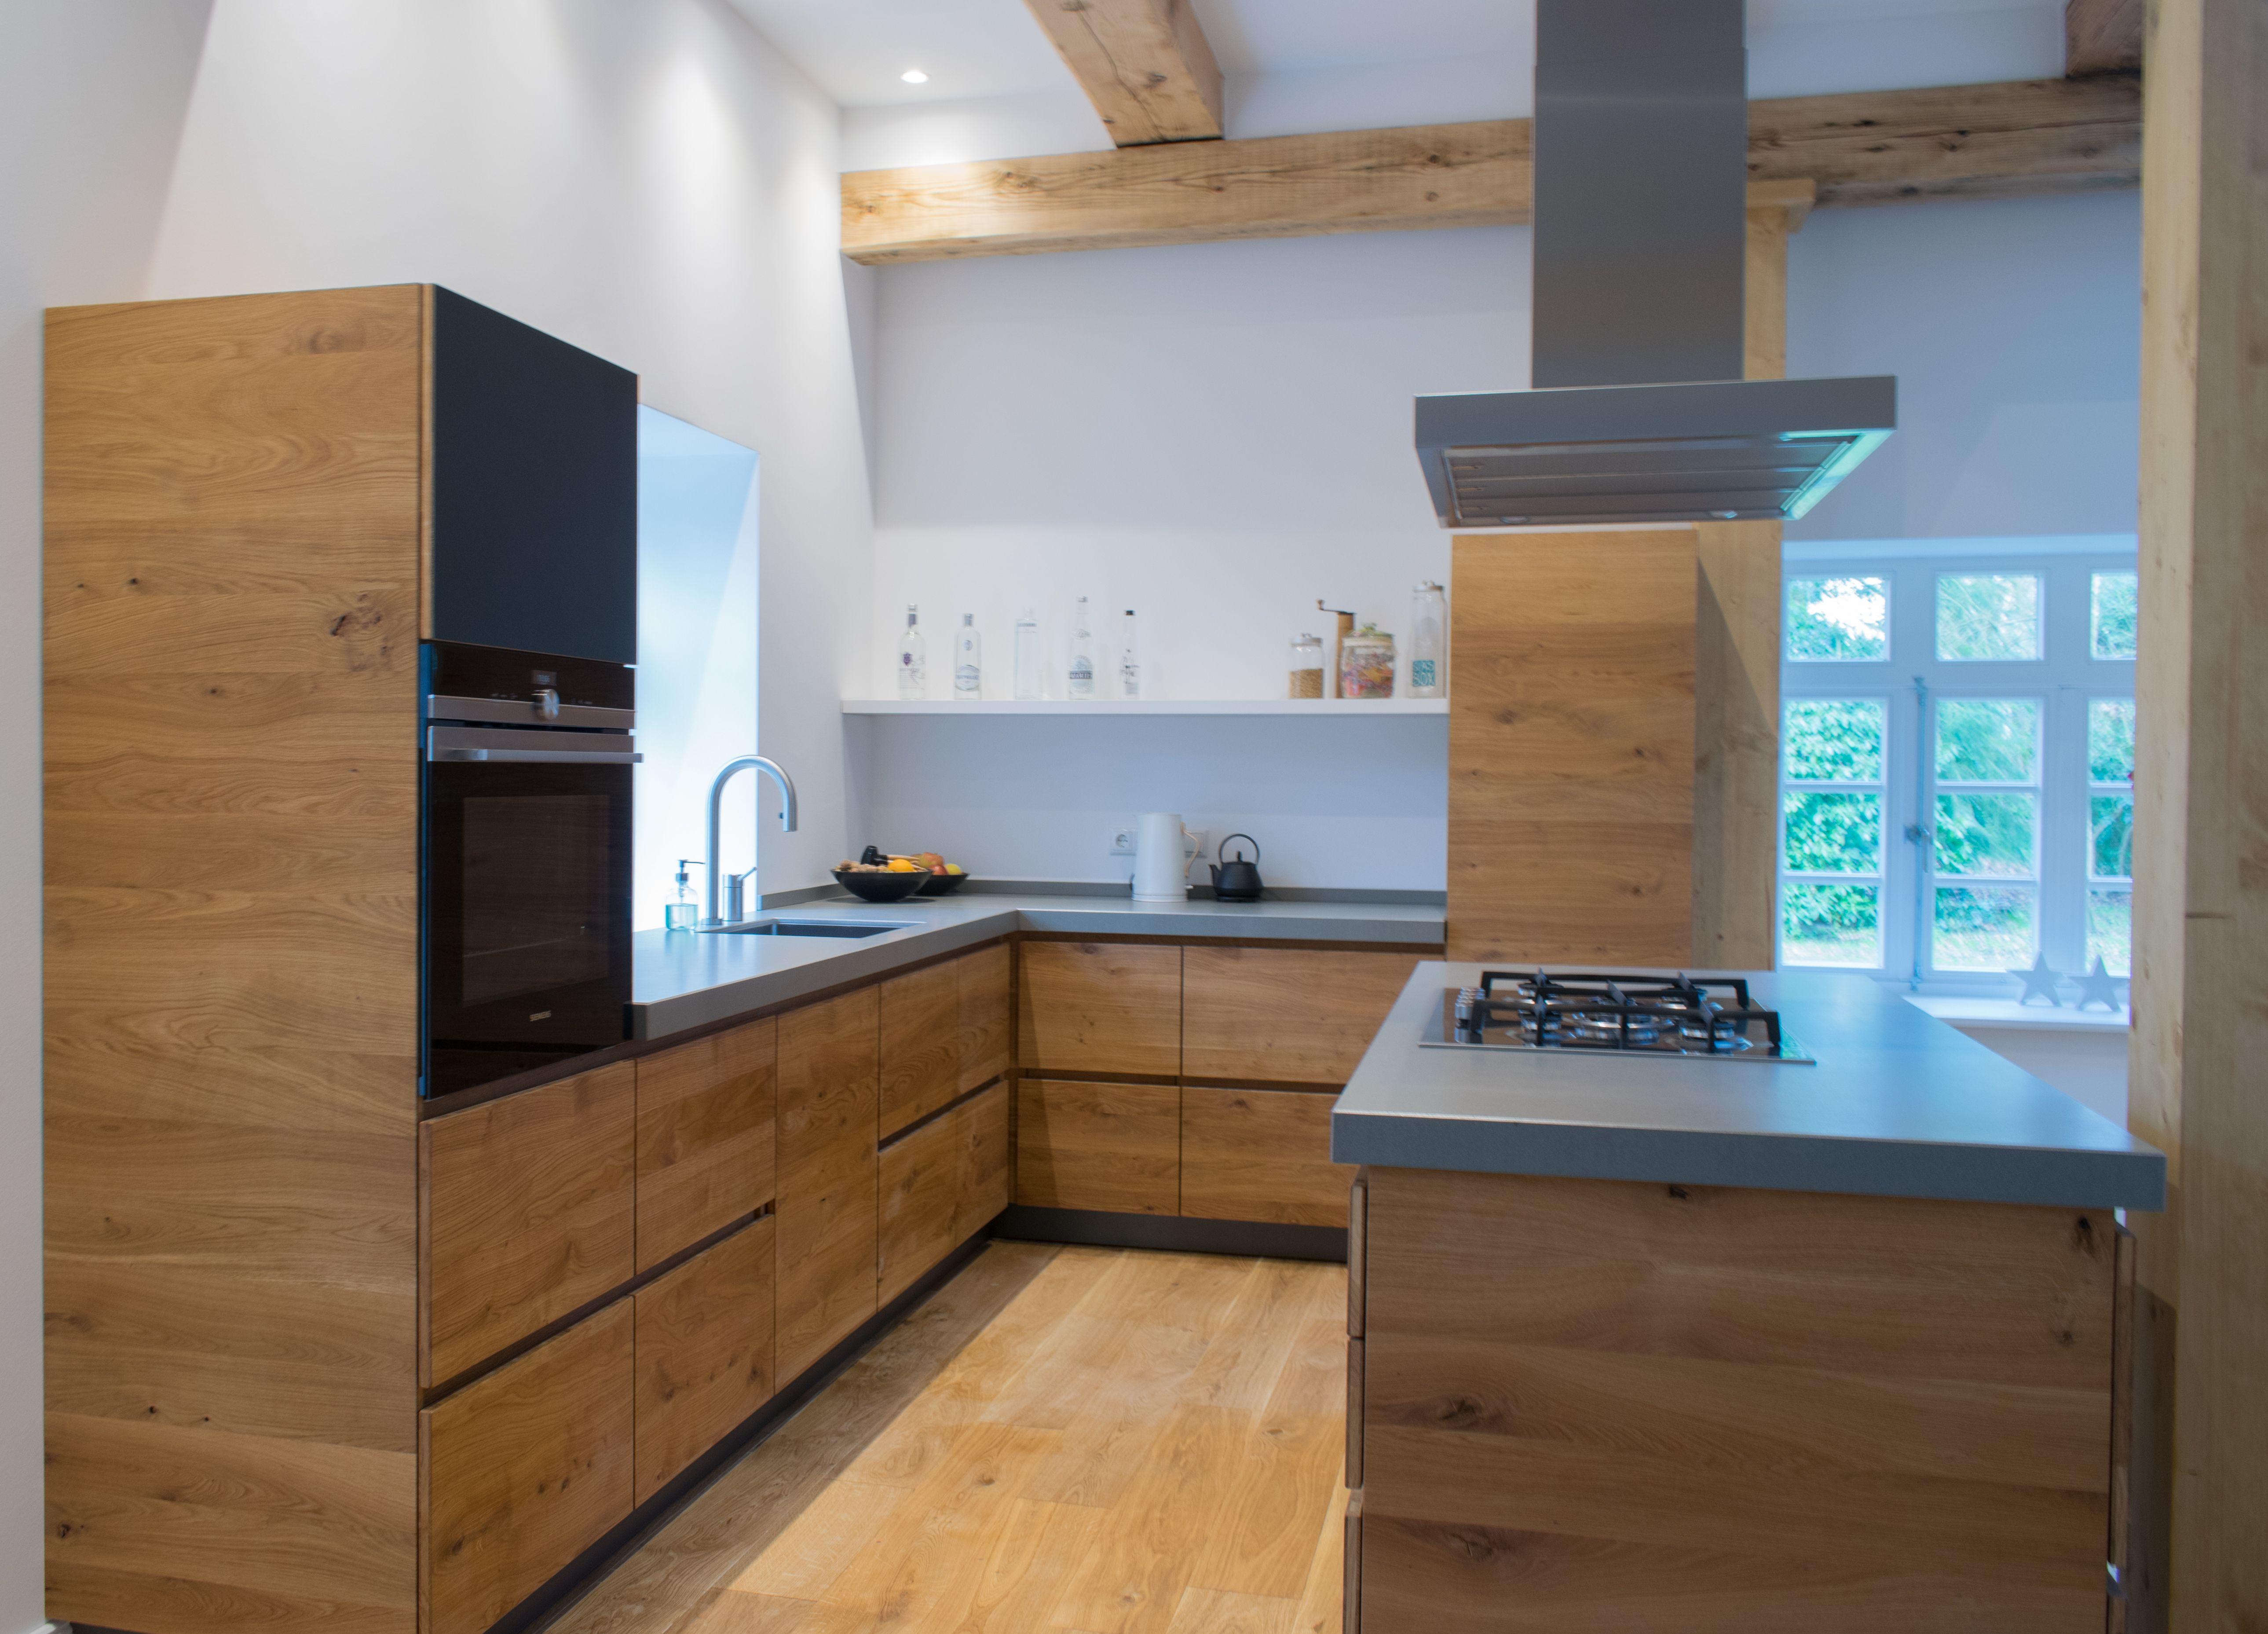 Wir fertigten diese wunderschöne Küche mit